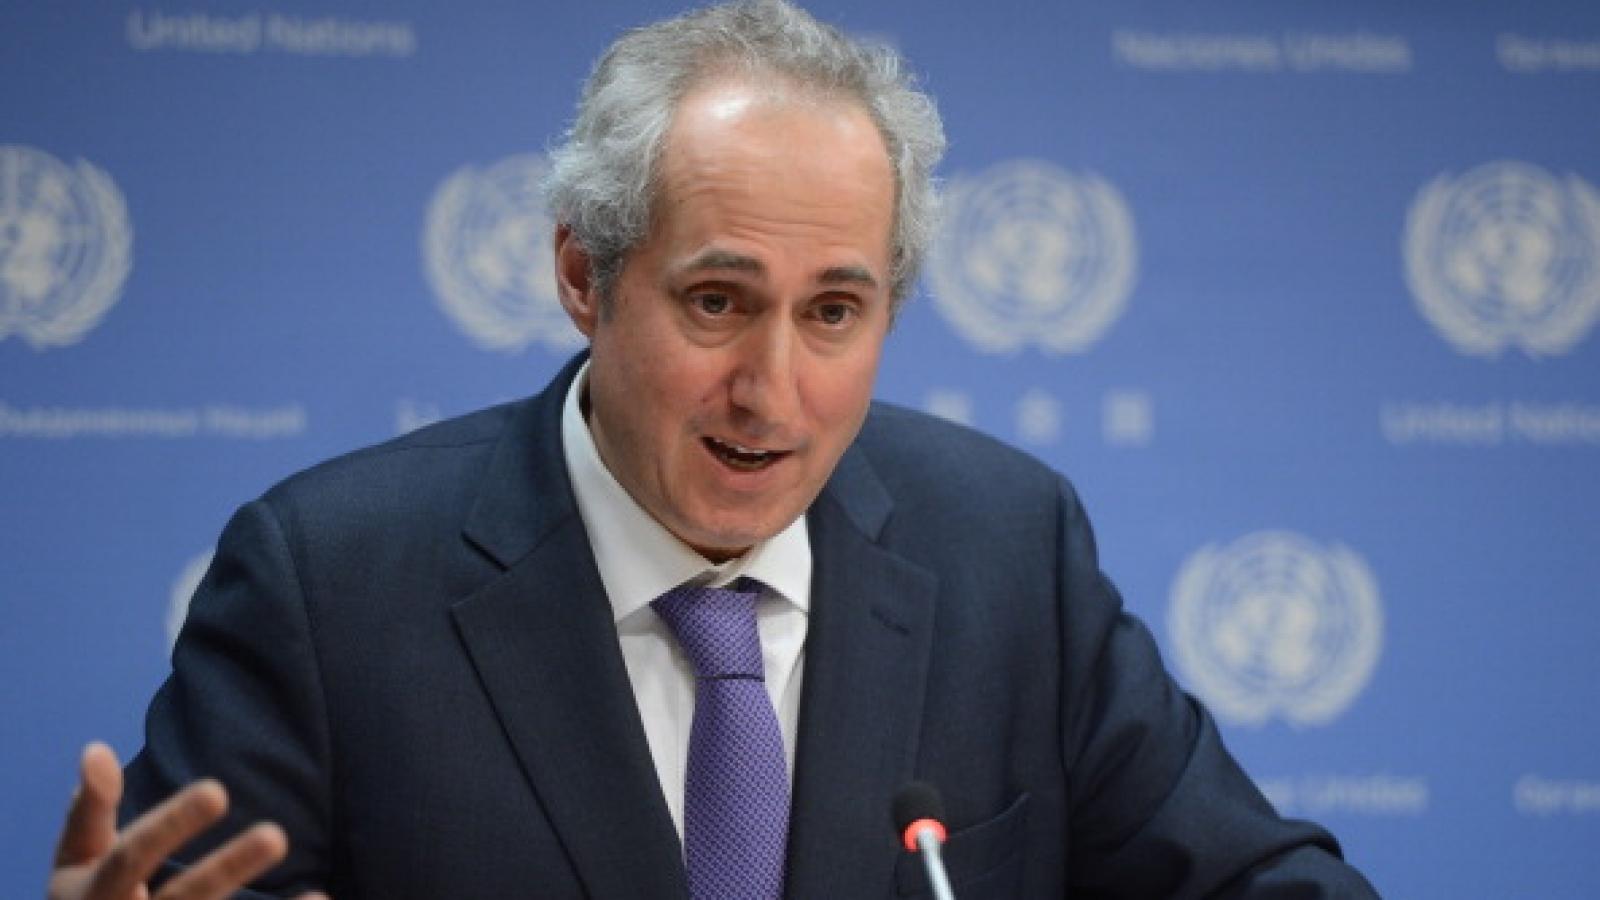 Liên Hợp Quốc kêu gọi tạo điều kiện tiếp cận hỗ trợ nhân đạo ở Gaza